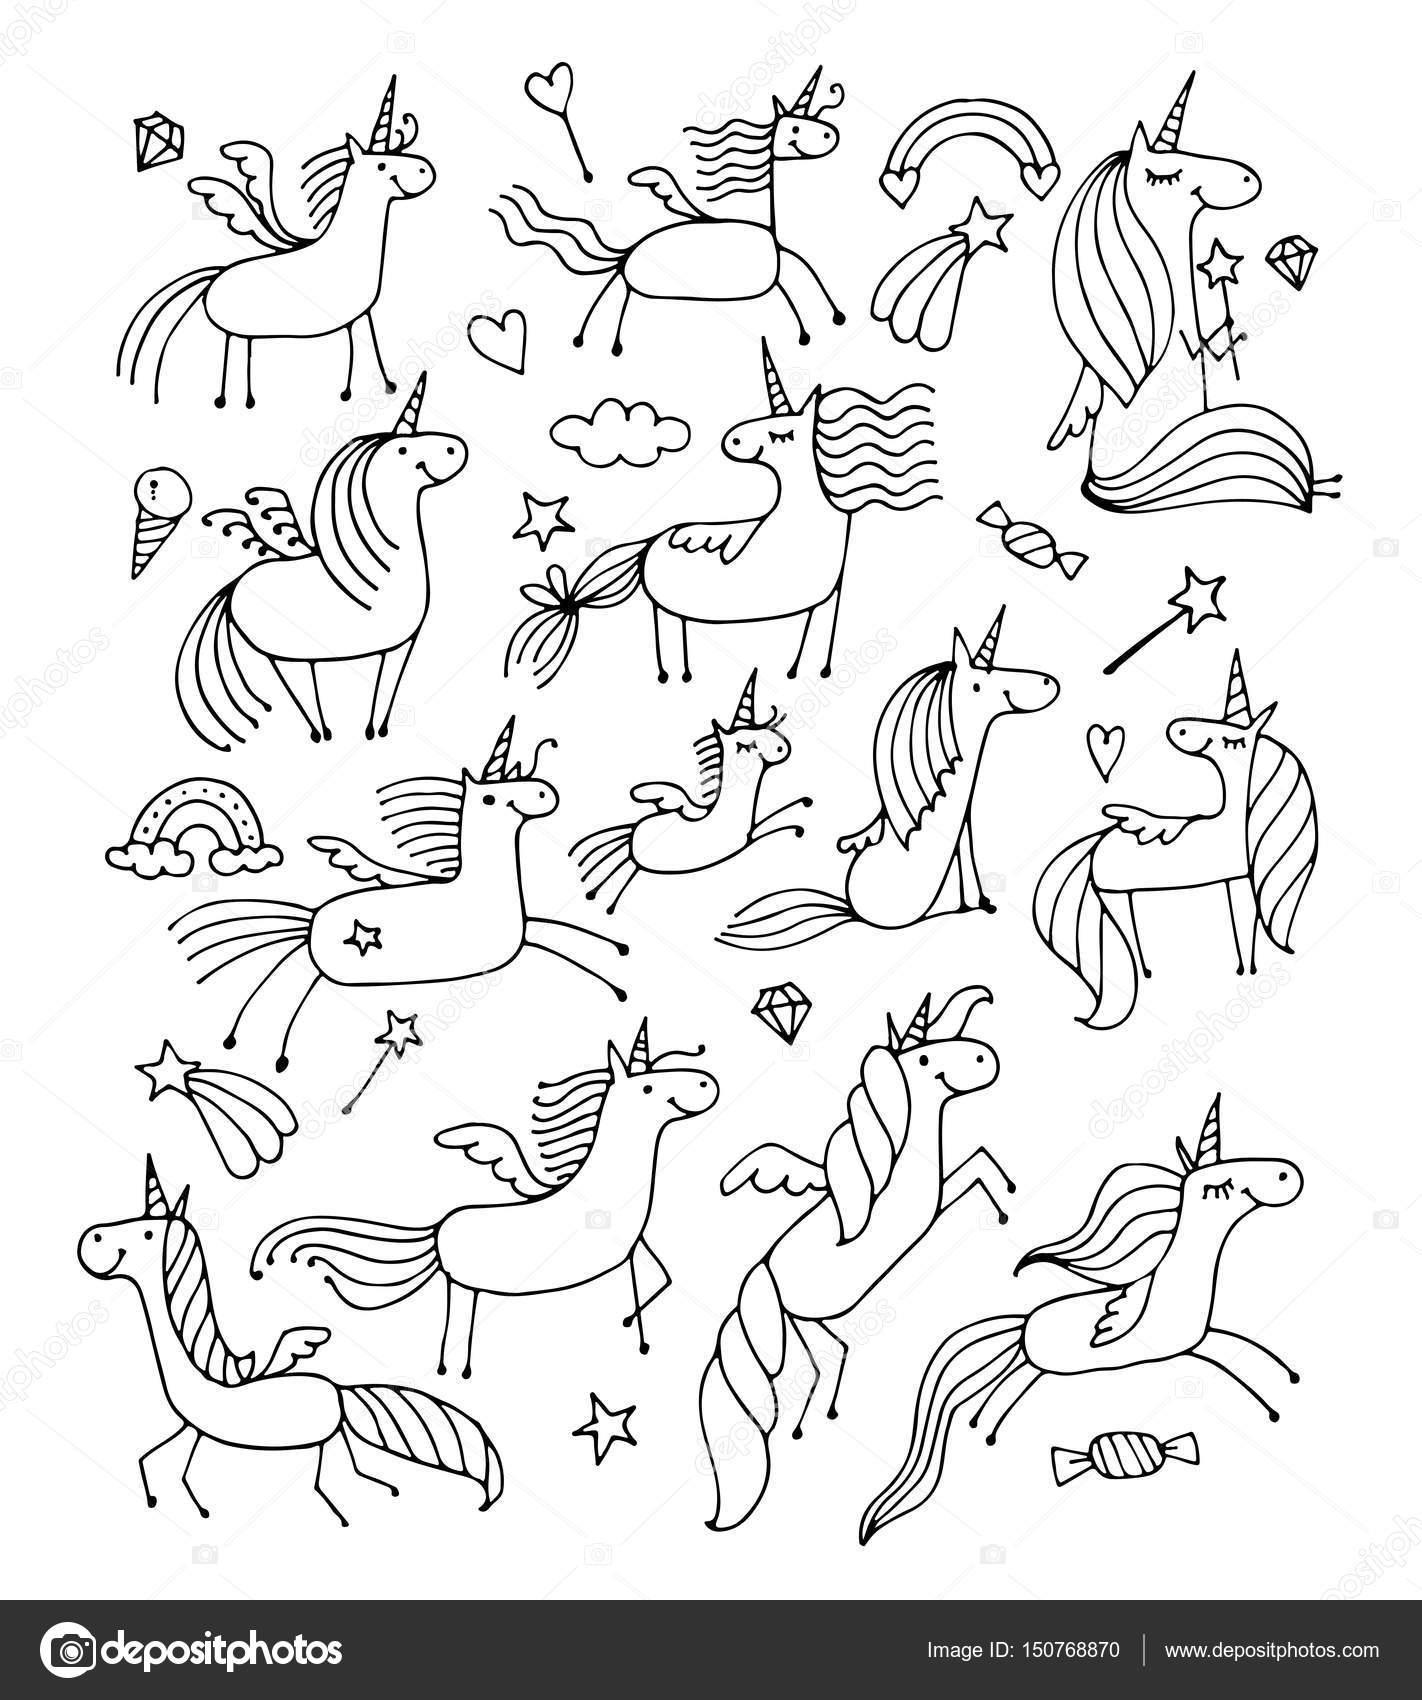 Diseño mágico de unicornios para colorear libro — Archivo Imágenes ...